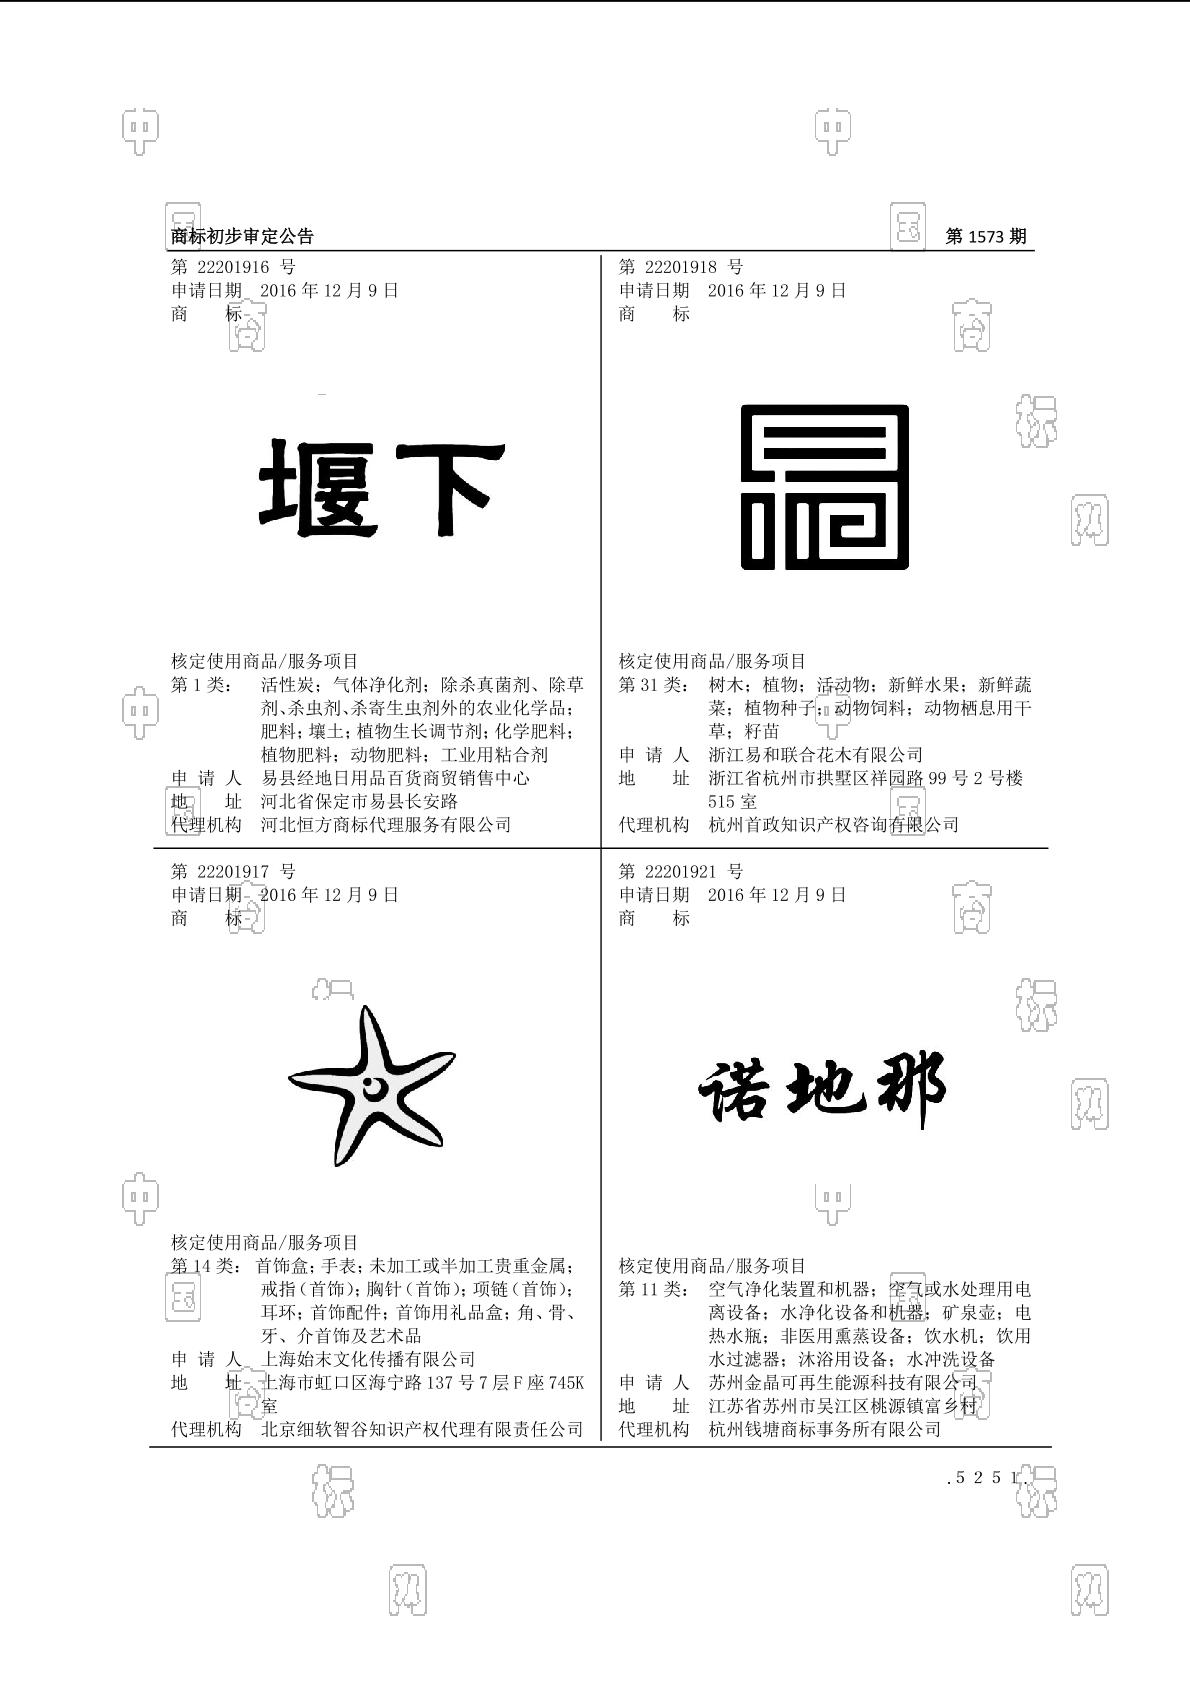 【社标网】22201917商标状态注册号信息 上海始末文化传播有限公司商标信息-商标查询